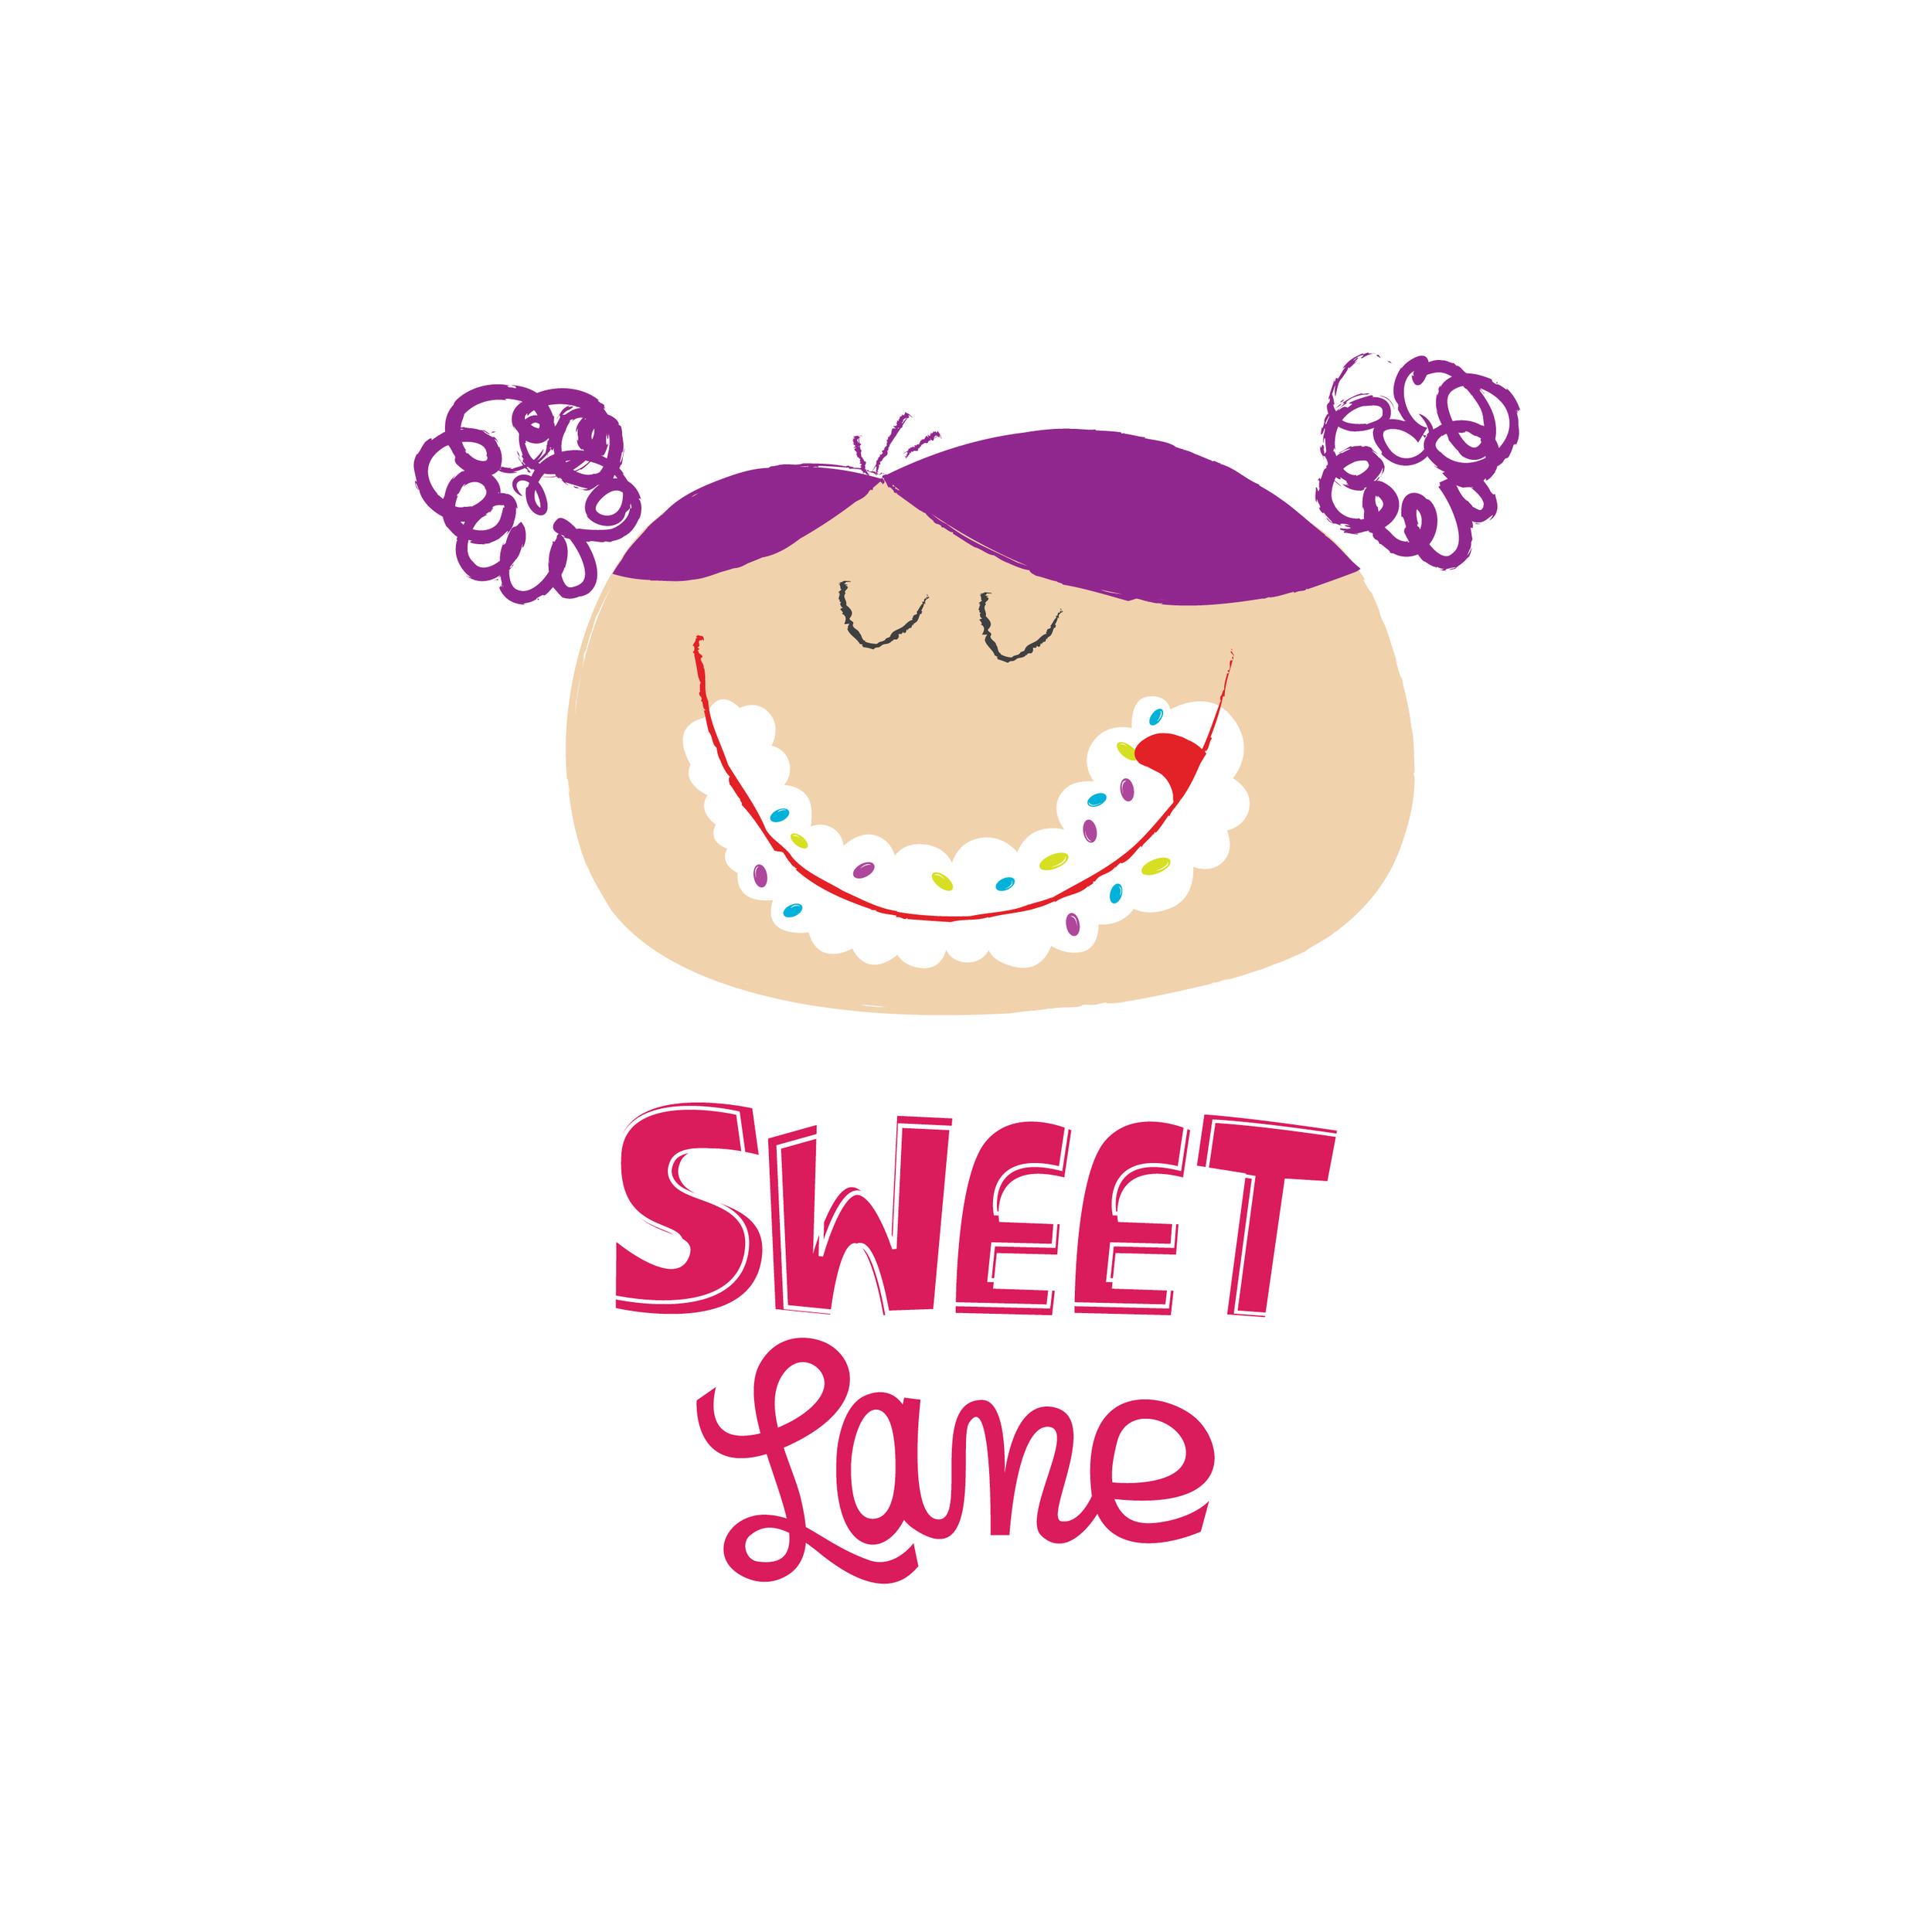 Sweet Lane Cakes